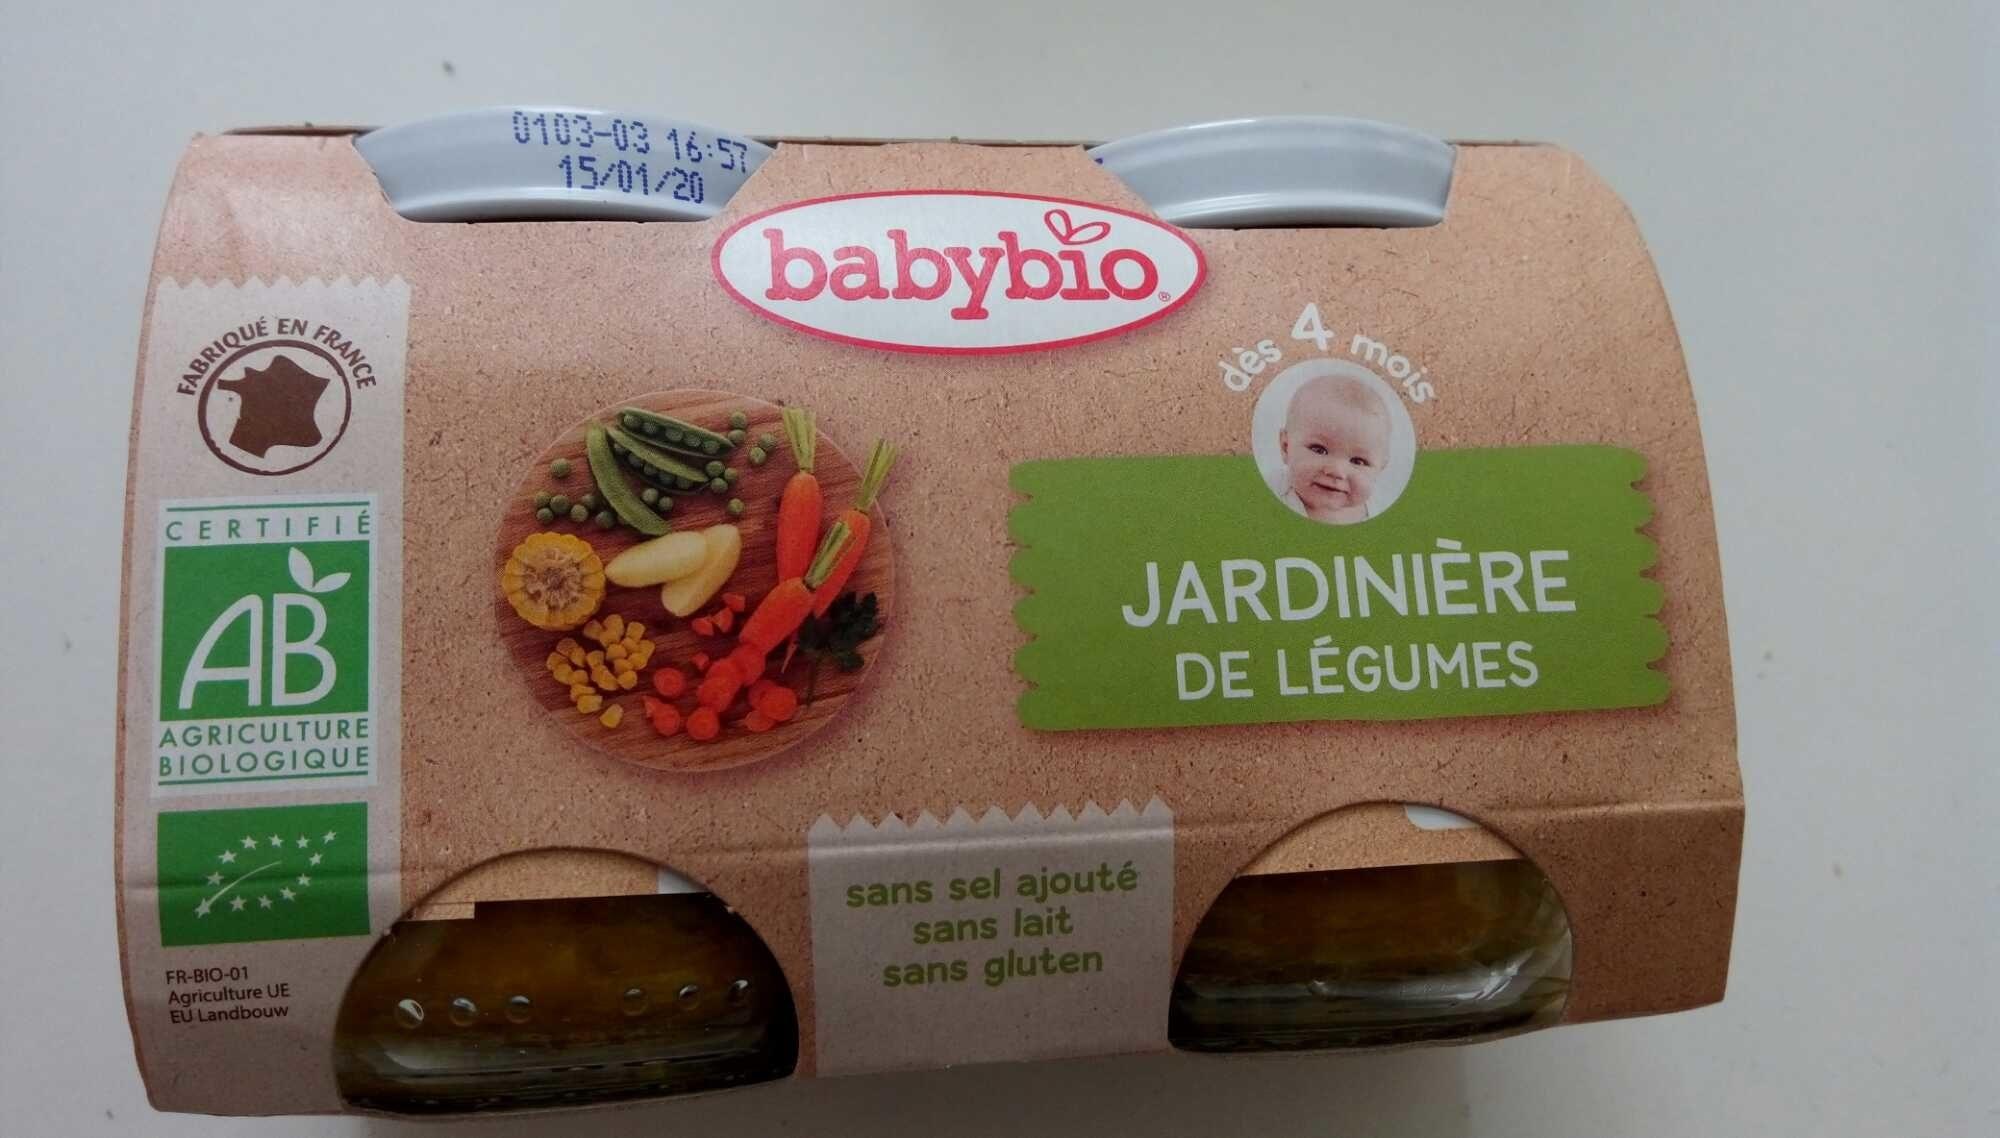 Jardinière de légumes, dès 4 mois, certifié AB - Product